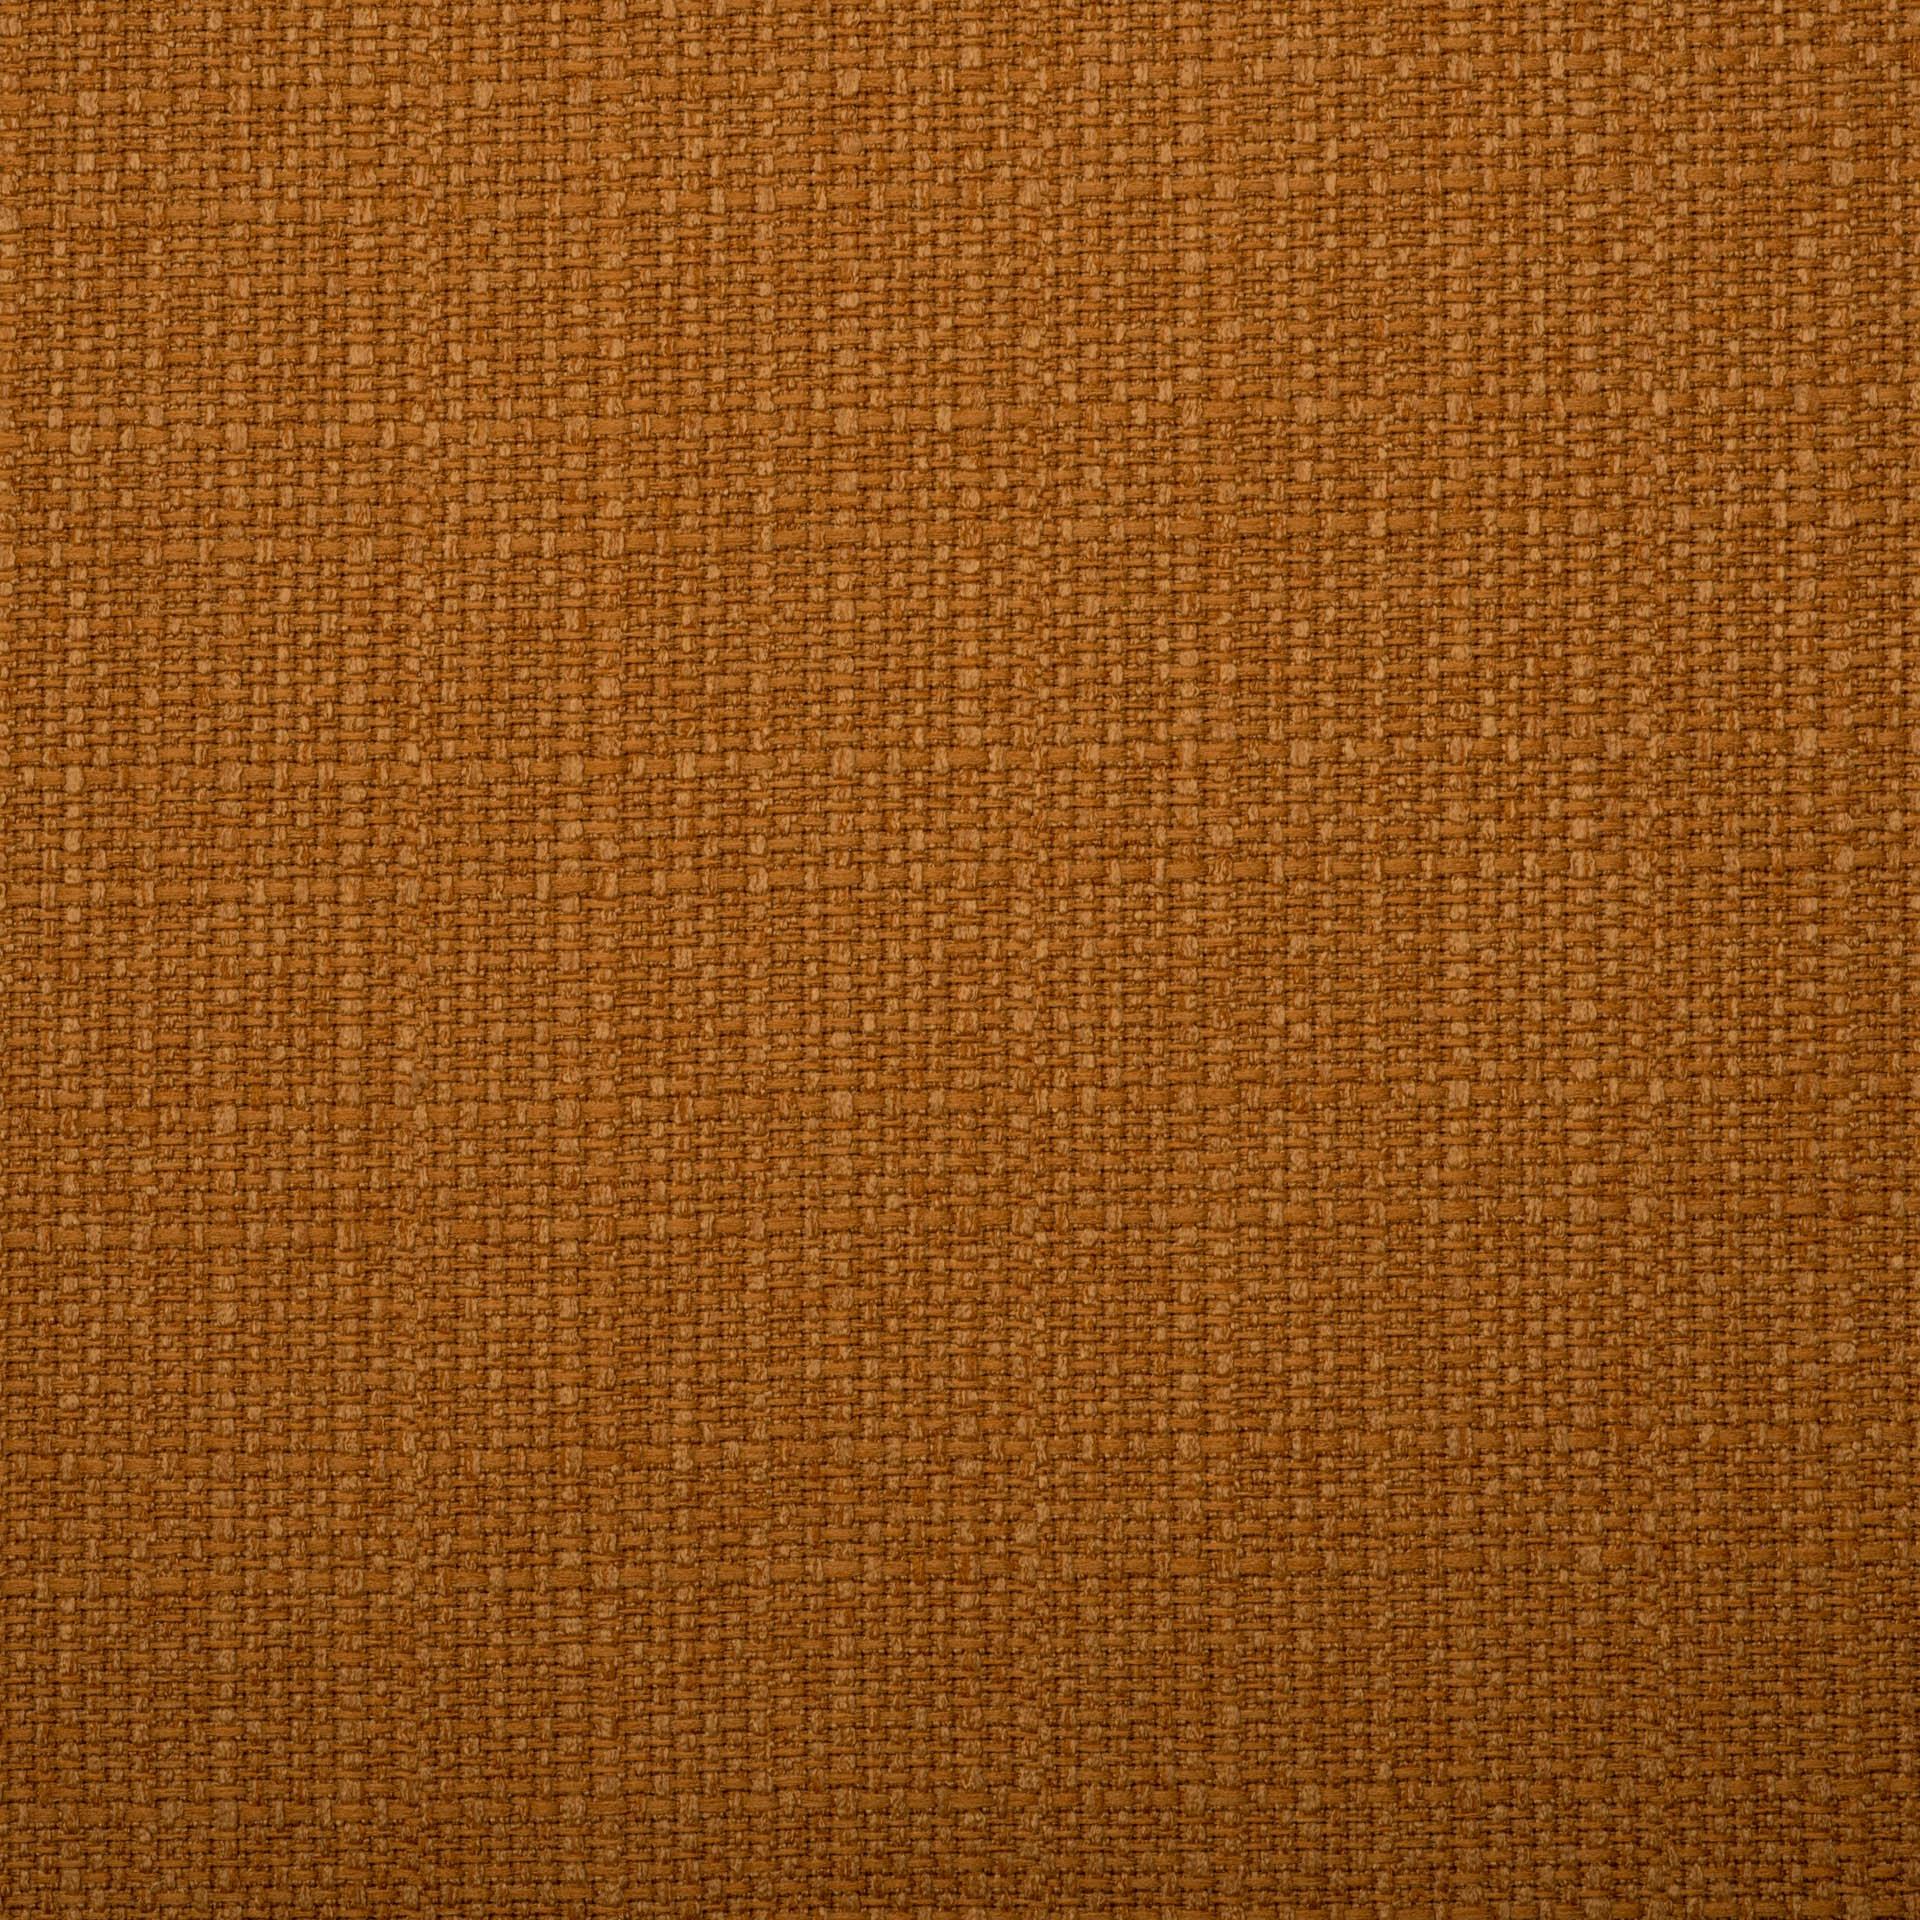 Коллекция ткани Портленд CARAMEL 40,  купить ткань Рогожка для мебели Украина